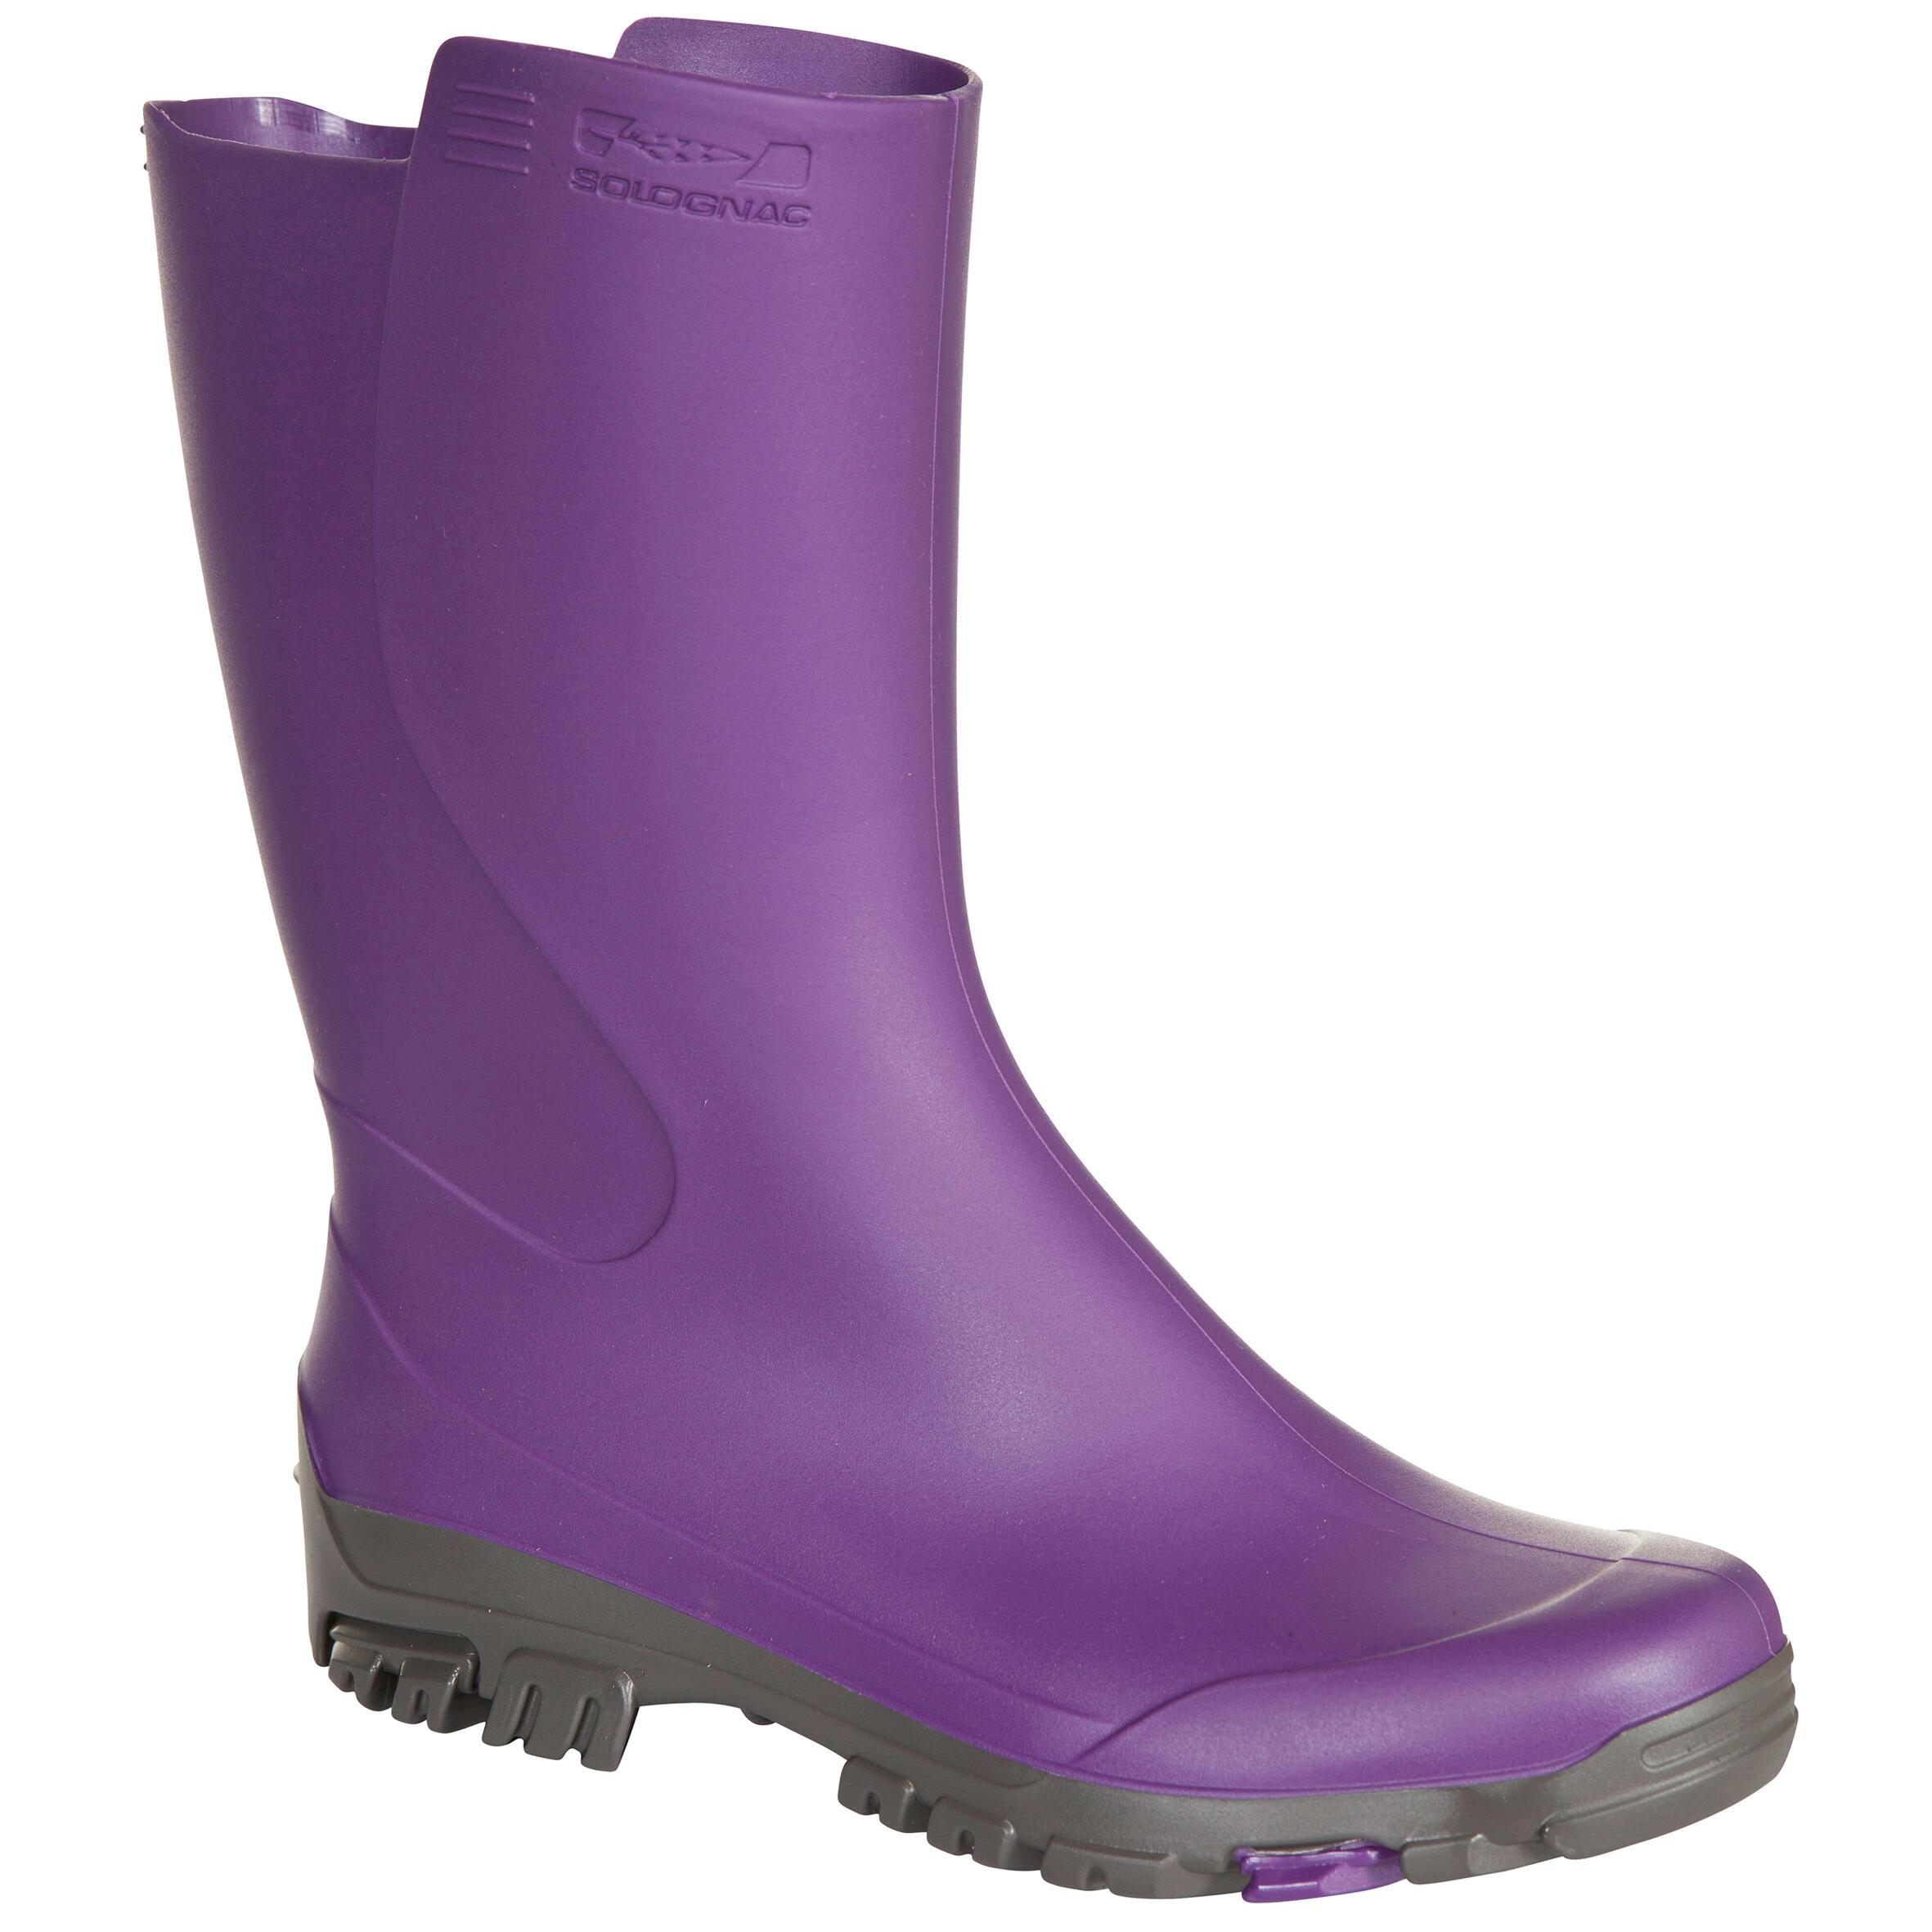 36569794 Comprar botas de agua para niños online | Decathlon